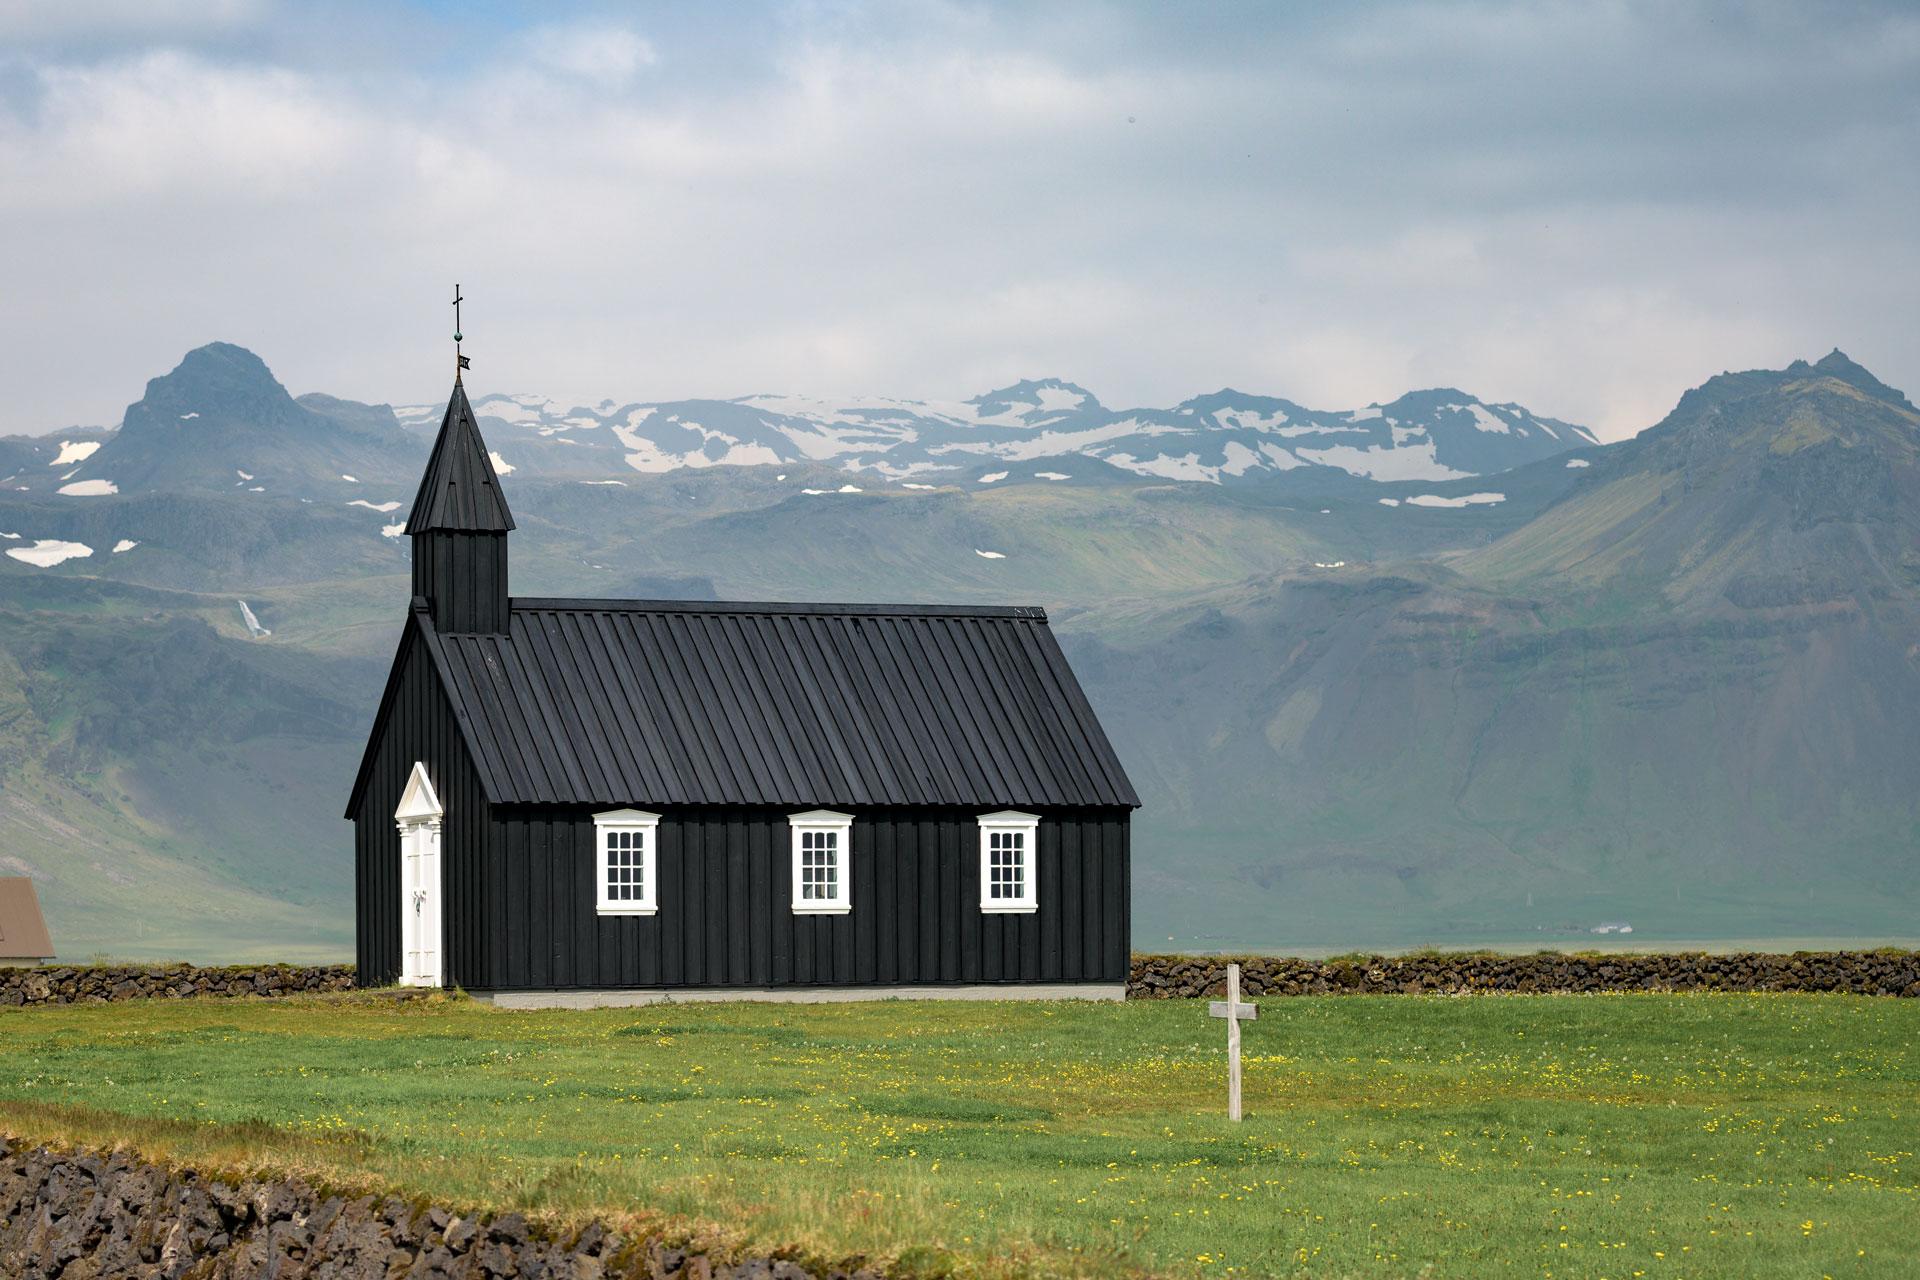 Budakirkja - eines der bekanntesten Fotomotive der Snæfellsnes-Halbinsel. Die schwarz geteerte Kirche liegt an der Südküste. Vom gleichnamigen Handelsort Budir sind nur noch Ruinen übrig.